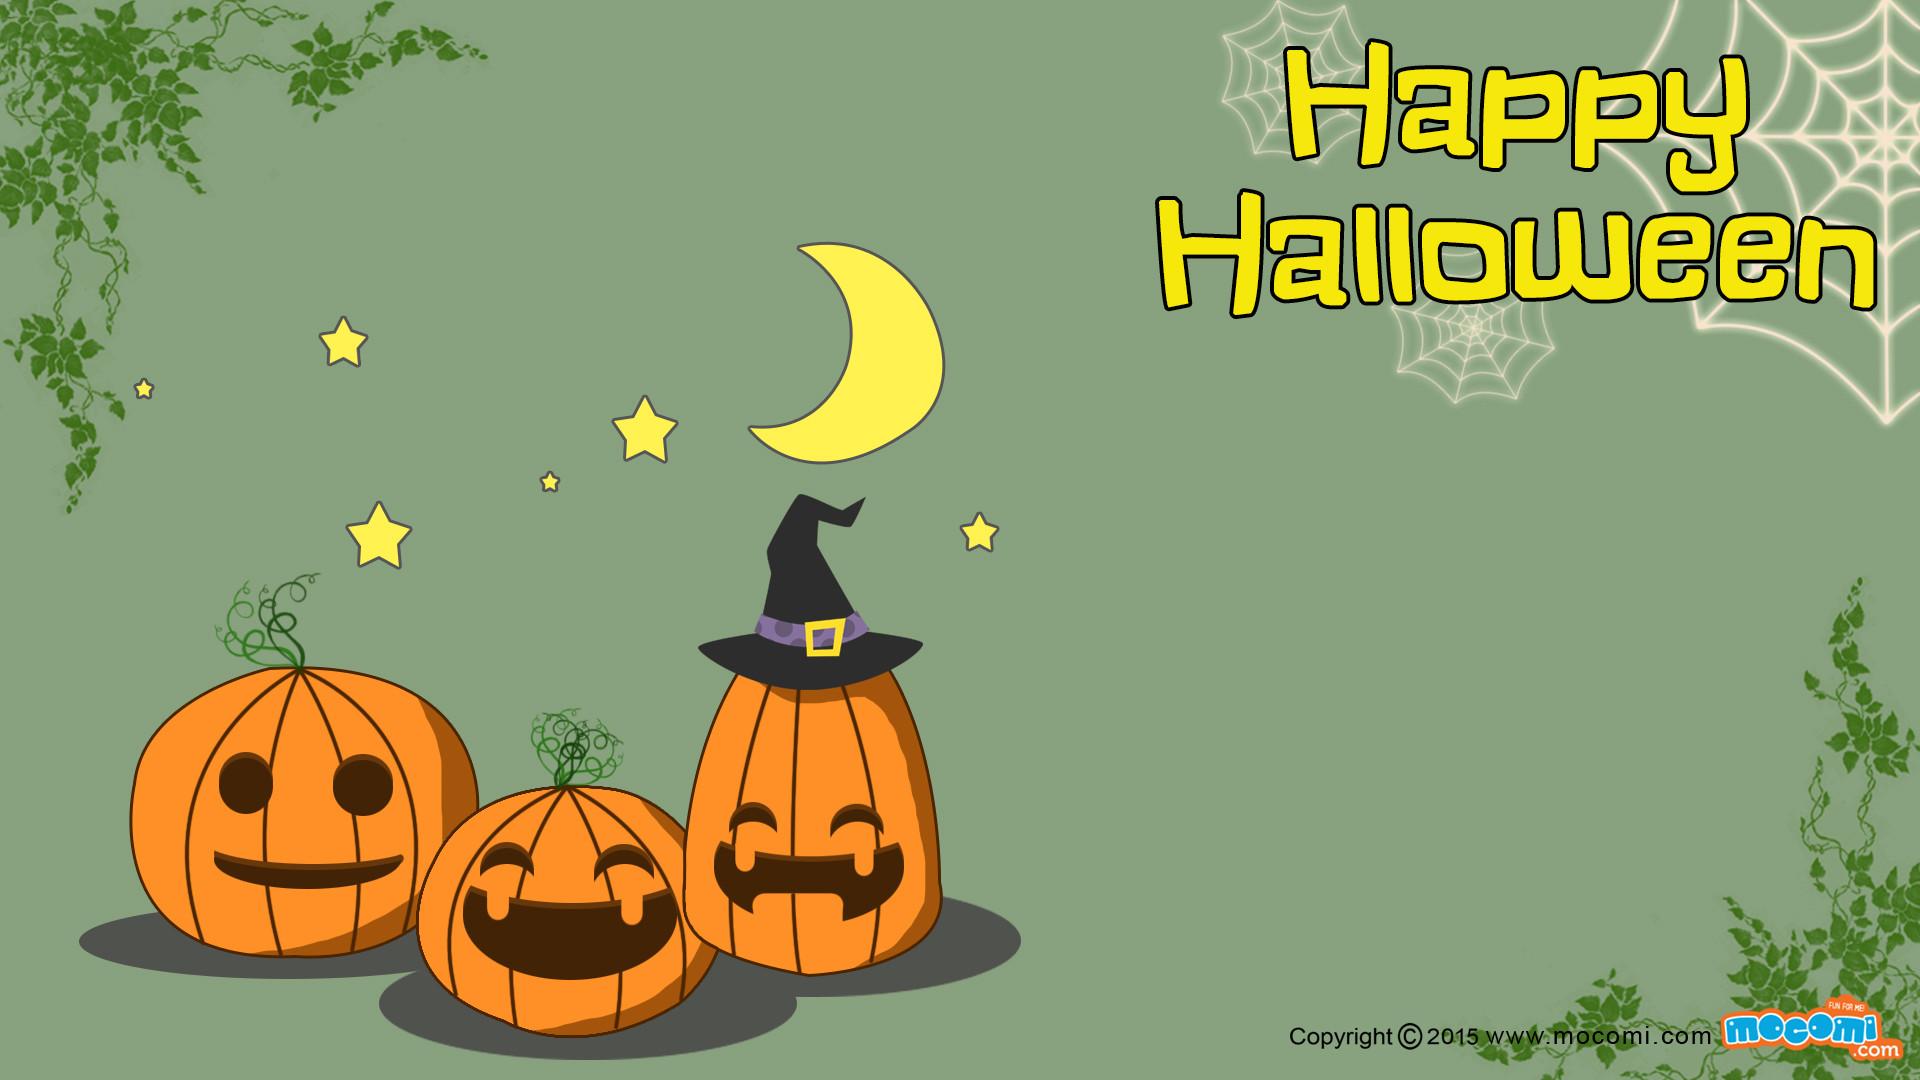 happy halloween desktop wallpaper ·①